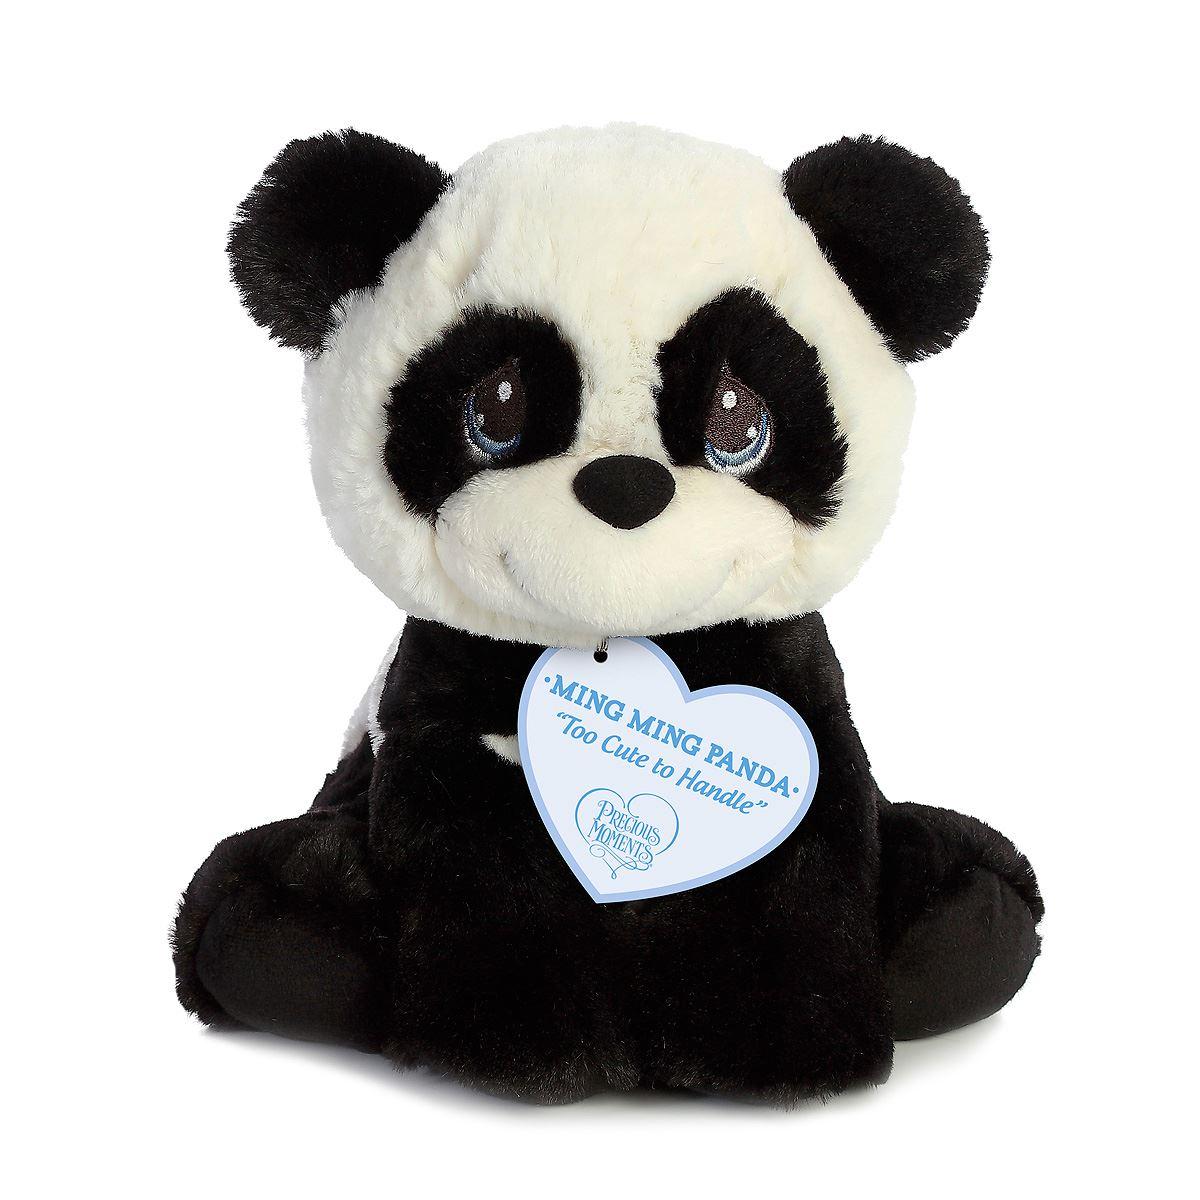 Panda Ming Ming